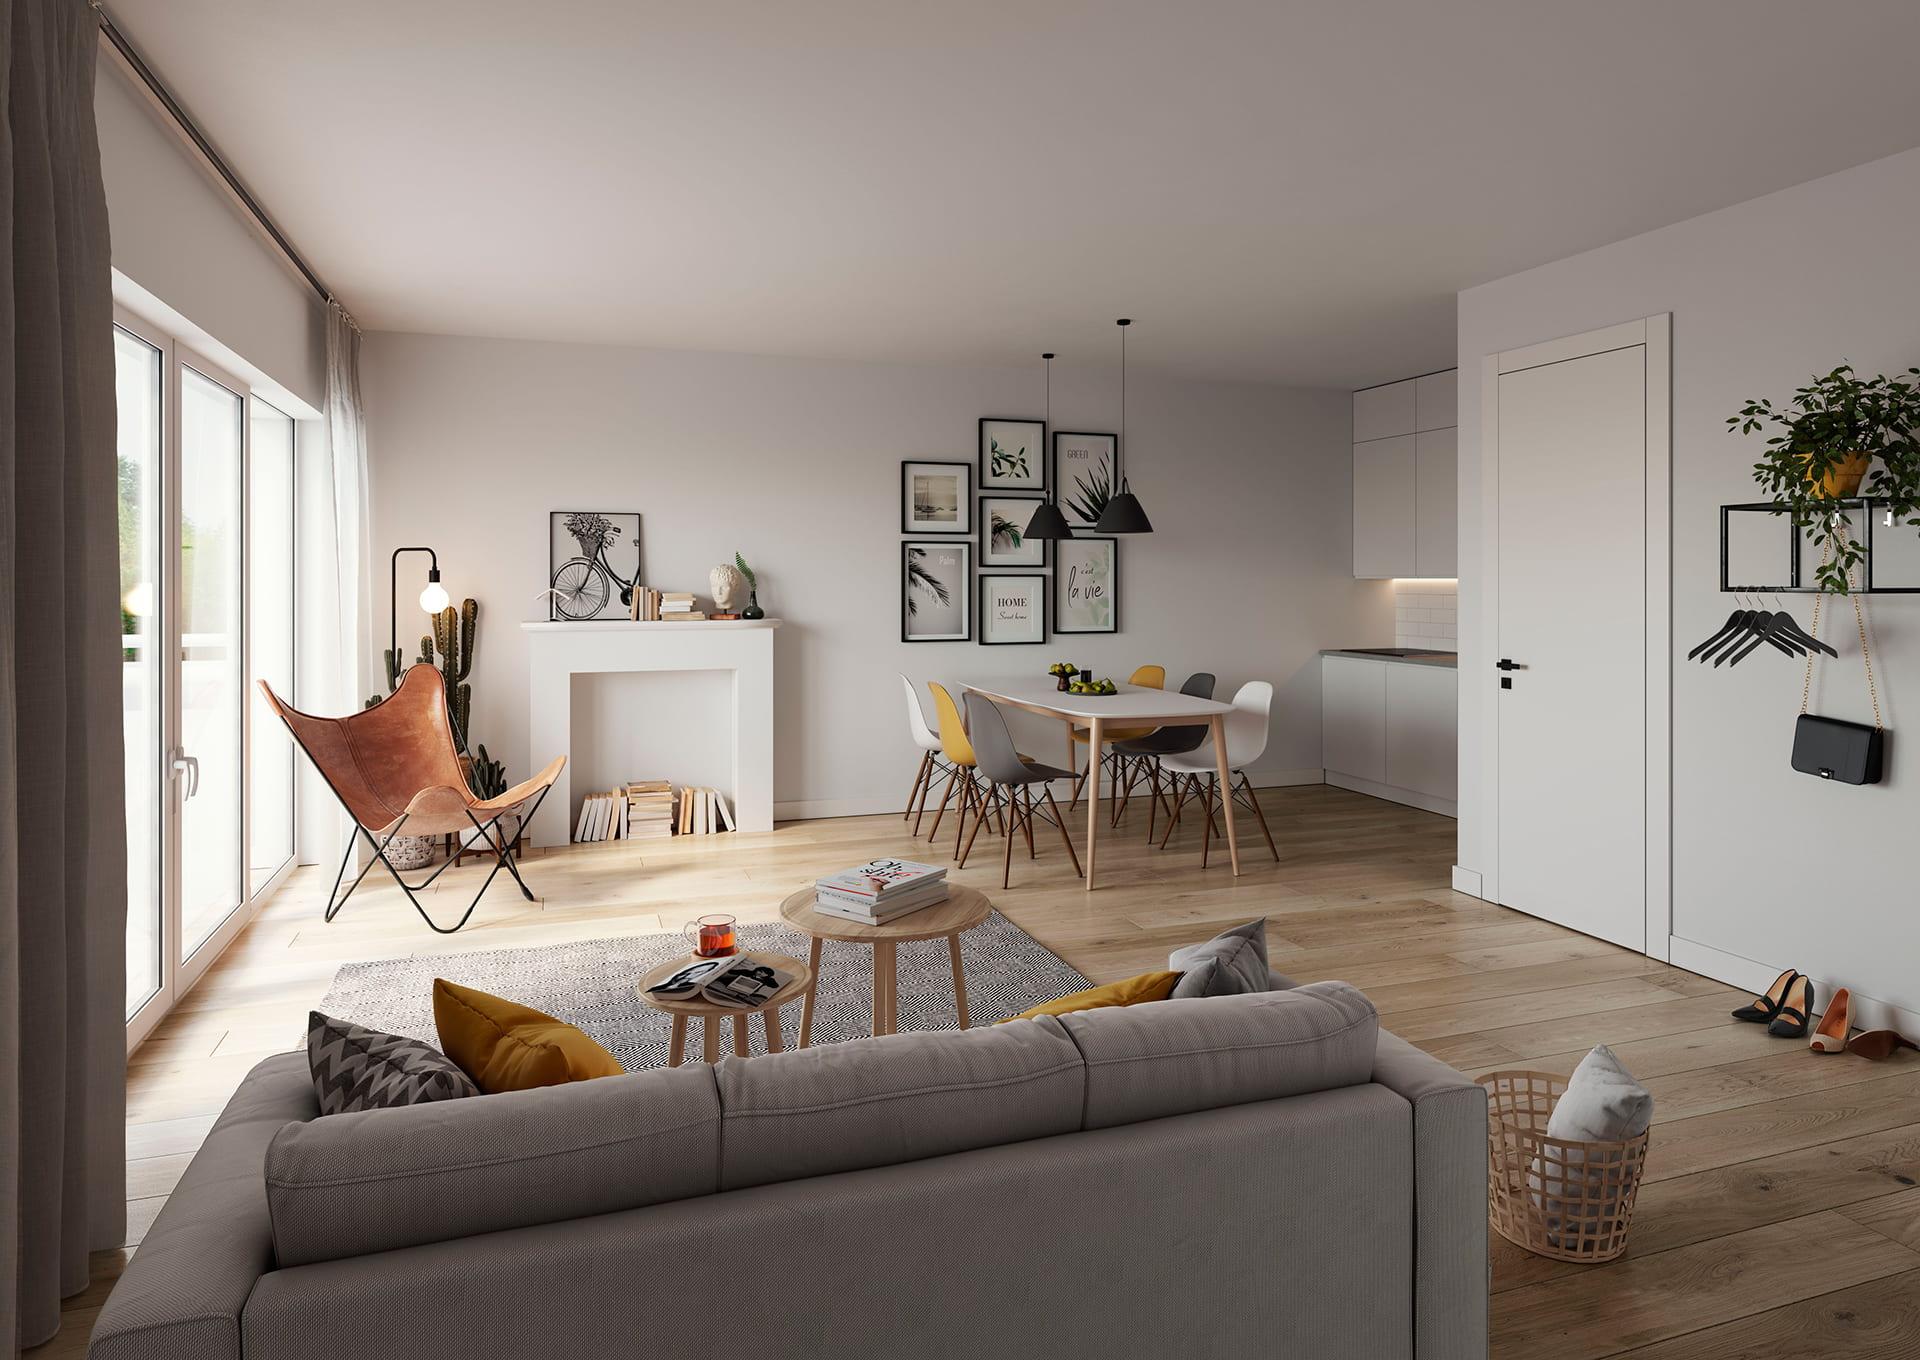 Weiße, geradlinige Küchenzeile, einladender Essbereich, gemütliches Sofa mit Kissen, Sessel am Fenster, Weiß und Grautöne mit senfgelben Farbtupfern, Holz und Leder, moderne Stücke und Designklassiker